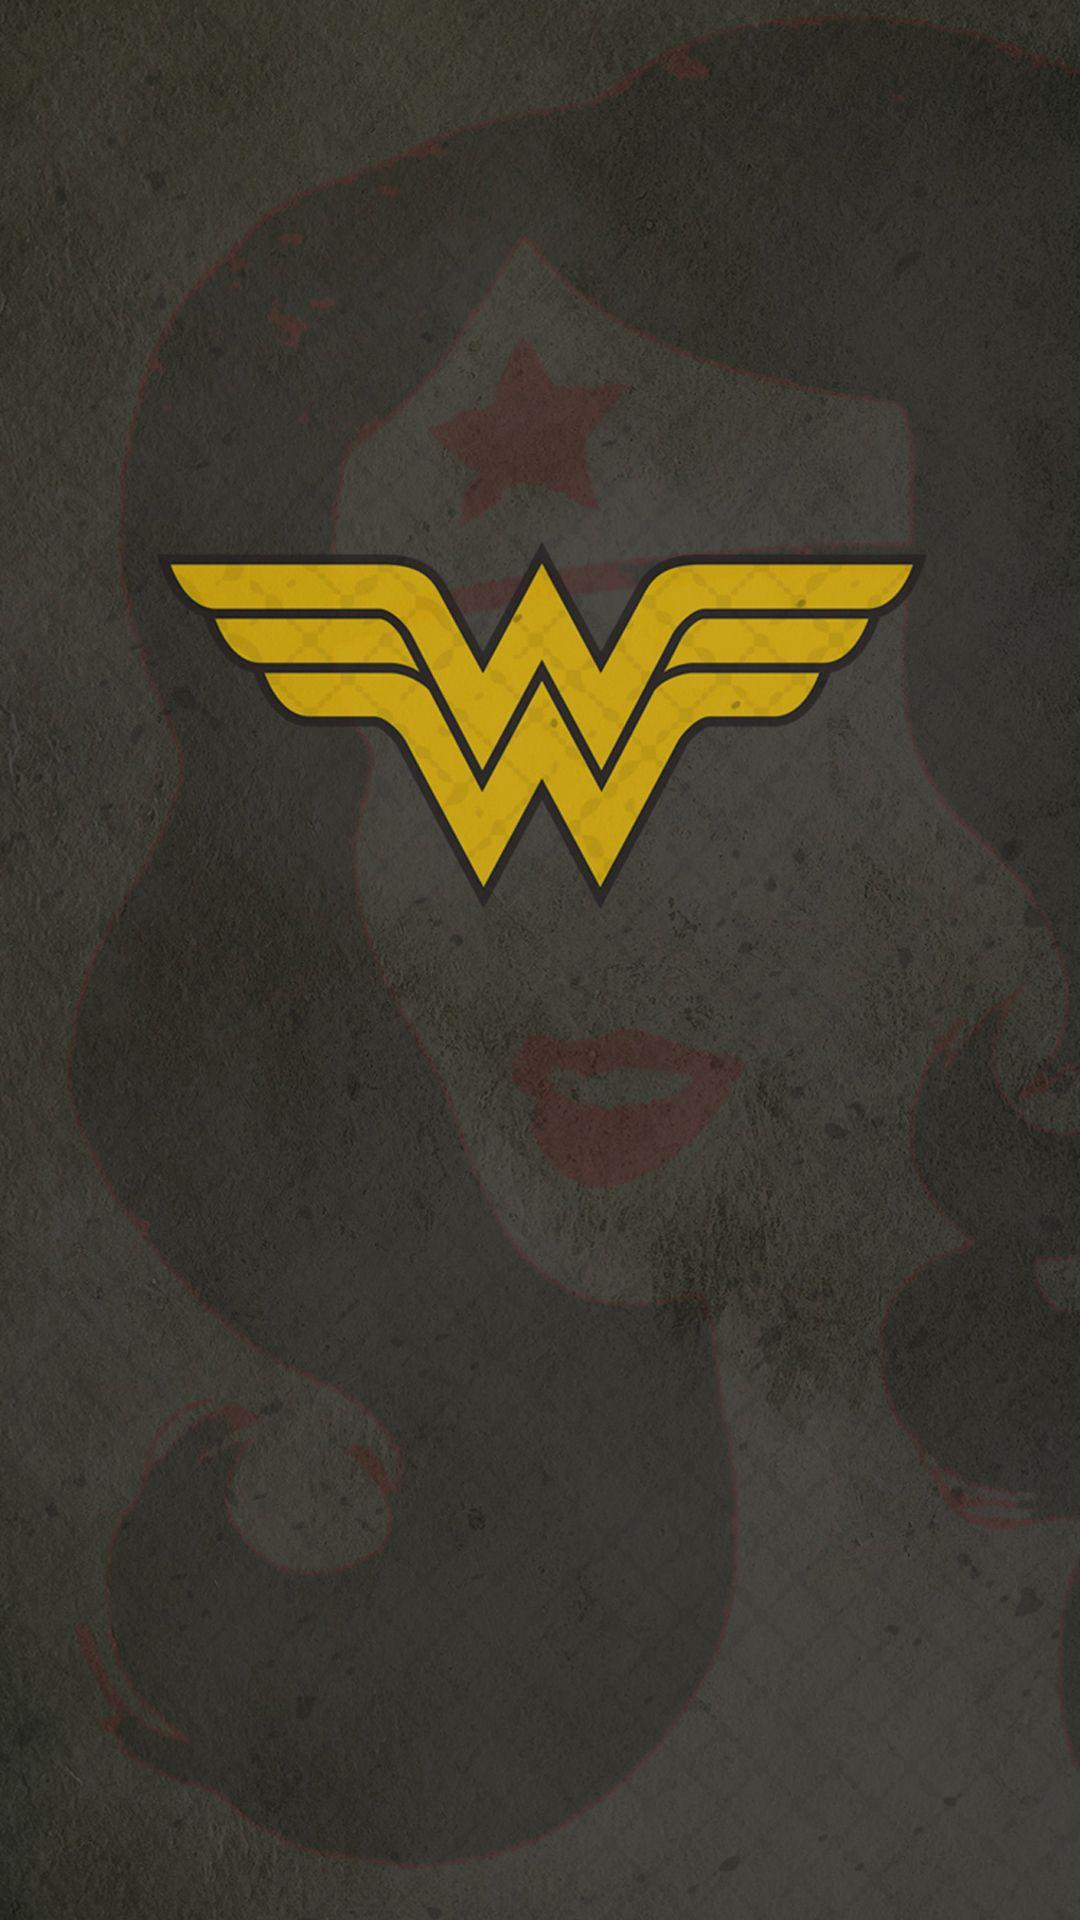 Wonder Woman Marvel Avengers DC Justice League Paint iphone case